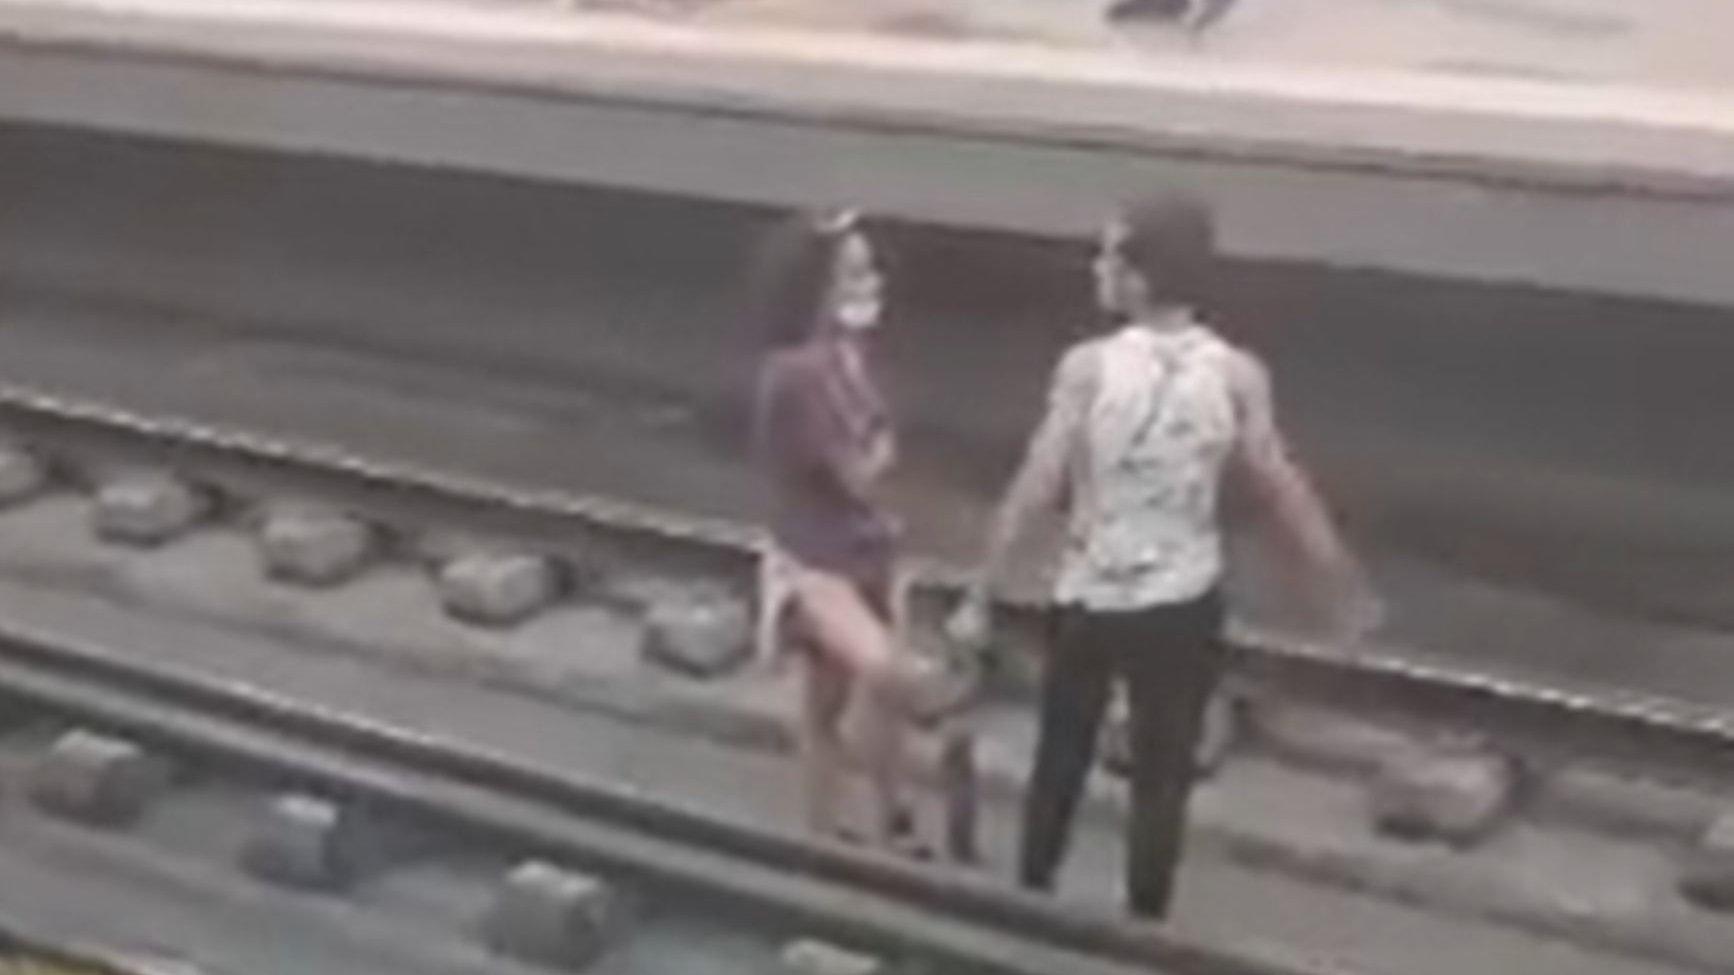 Metro de Lisboa, Olaias, casal a discutir